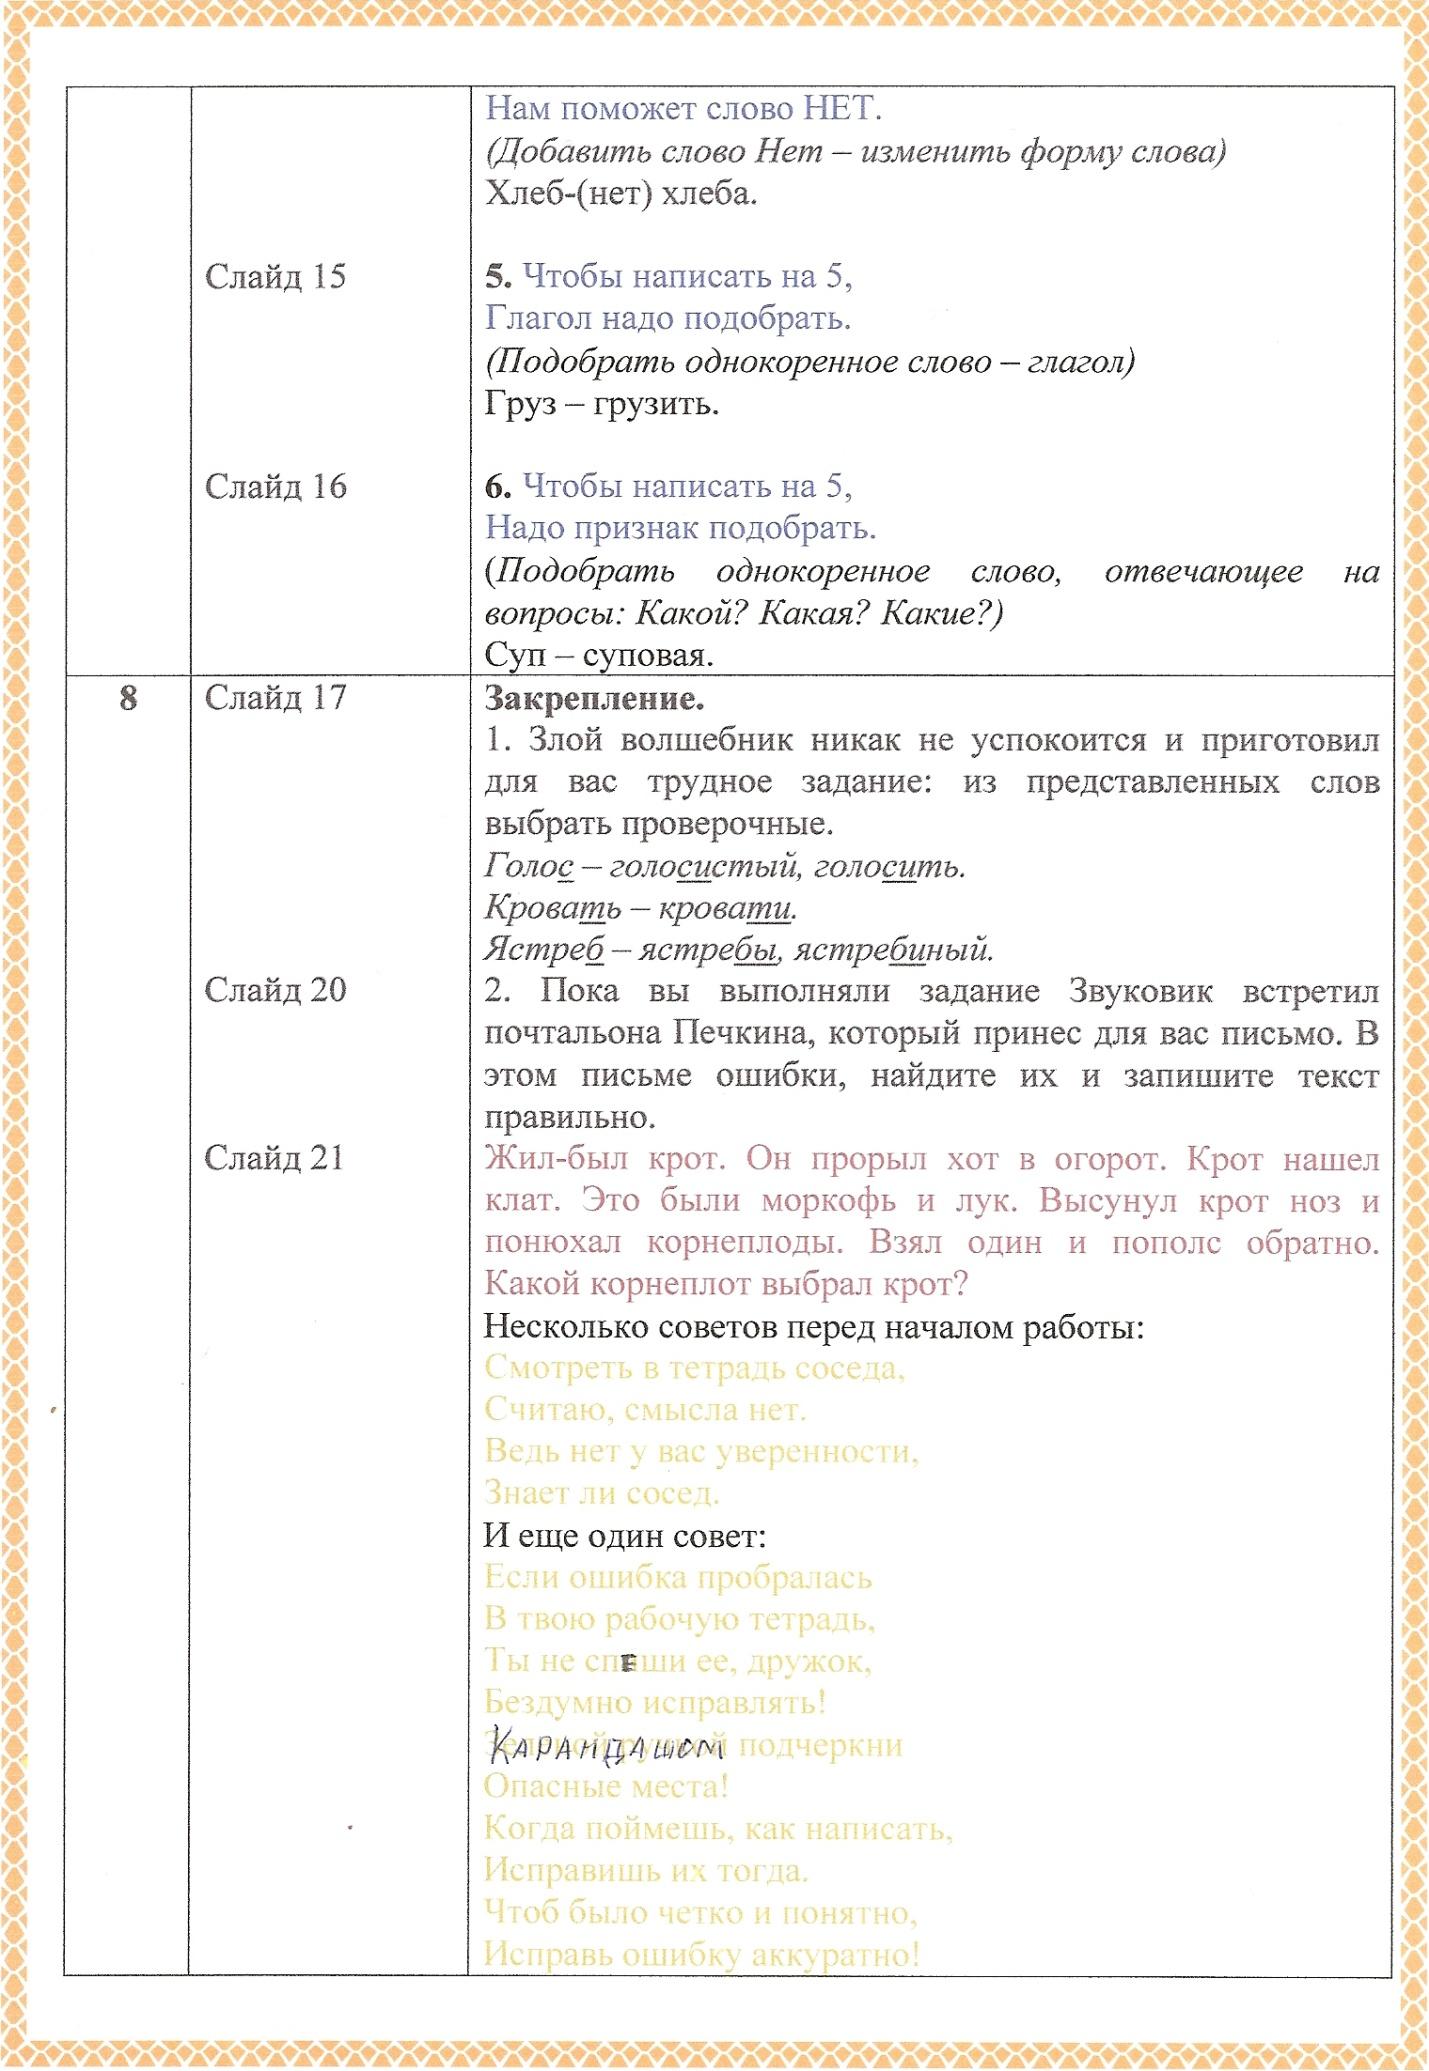 C:\Users\Сергей\Pictures\Мои сканированные изображения\сканирование0056.jpg